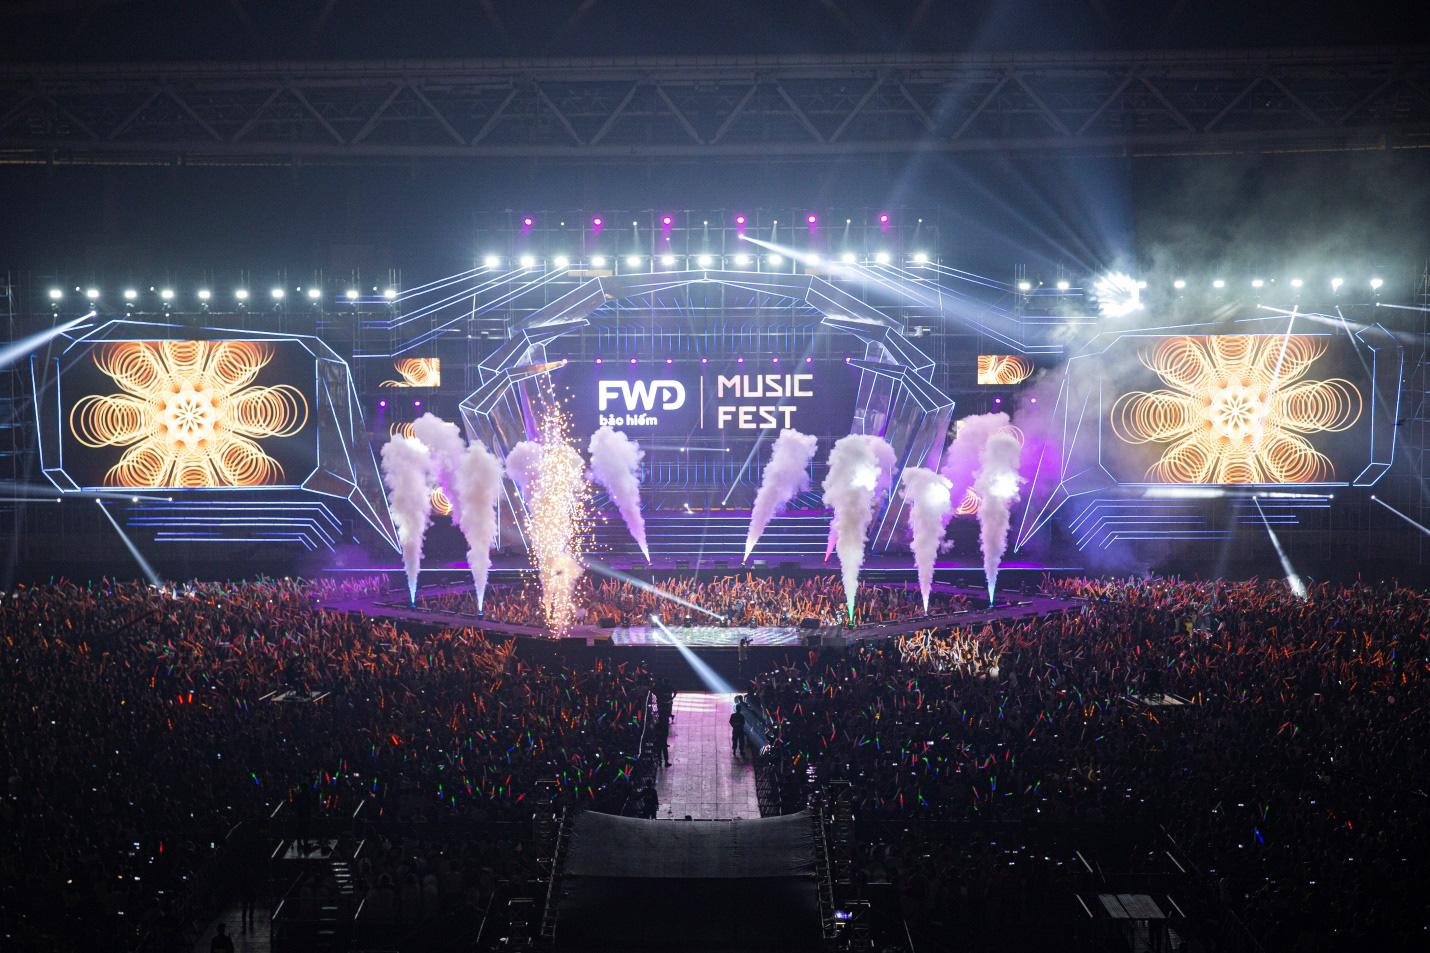 Sẵn sàng bùng nổ với Hành trình âm nhạc FWD Music Tour 2020 - Ảnh 1.